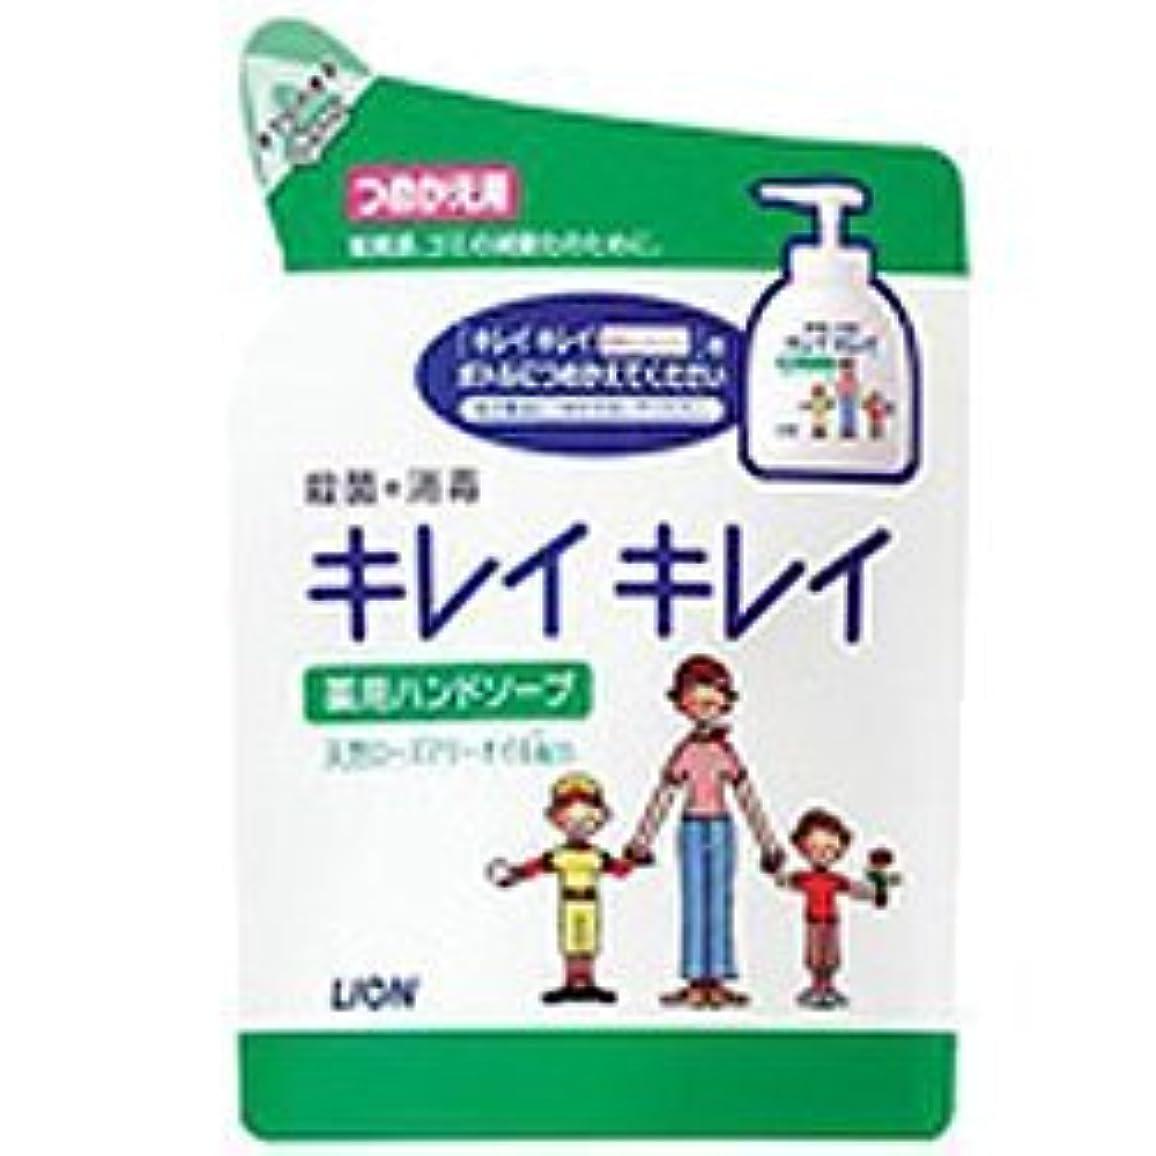 【ライオン】キレイキレイ 薬用ハンドソープ 詰替用 200ml ×4個セット